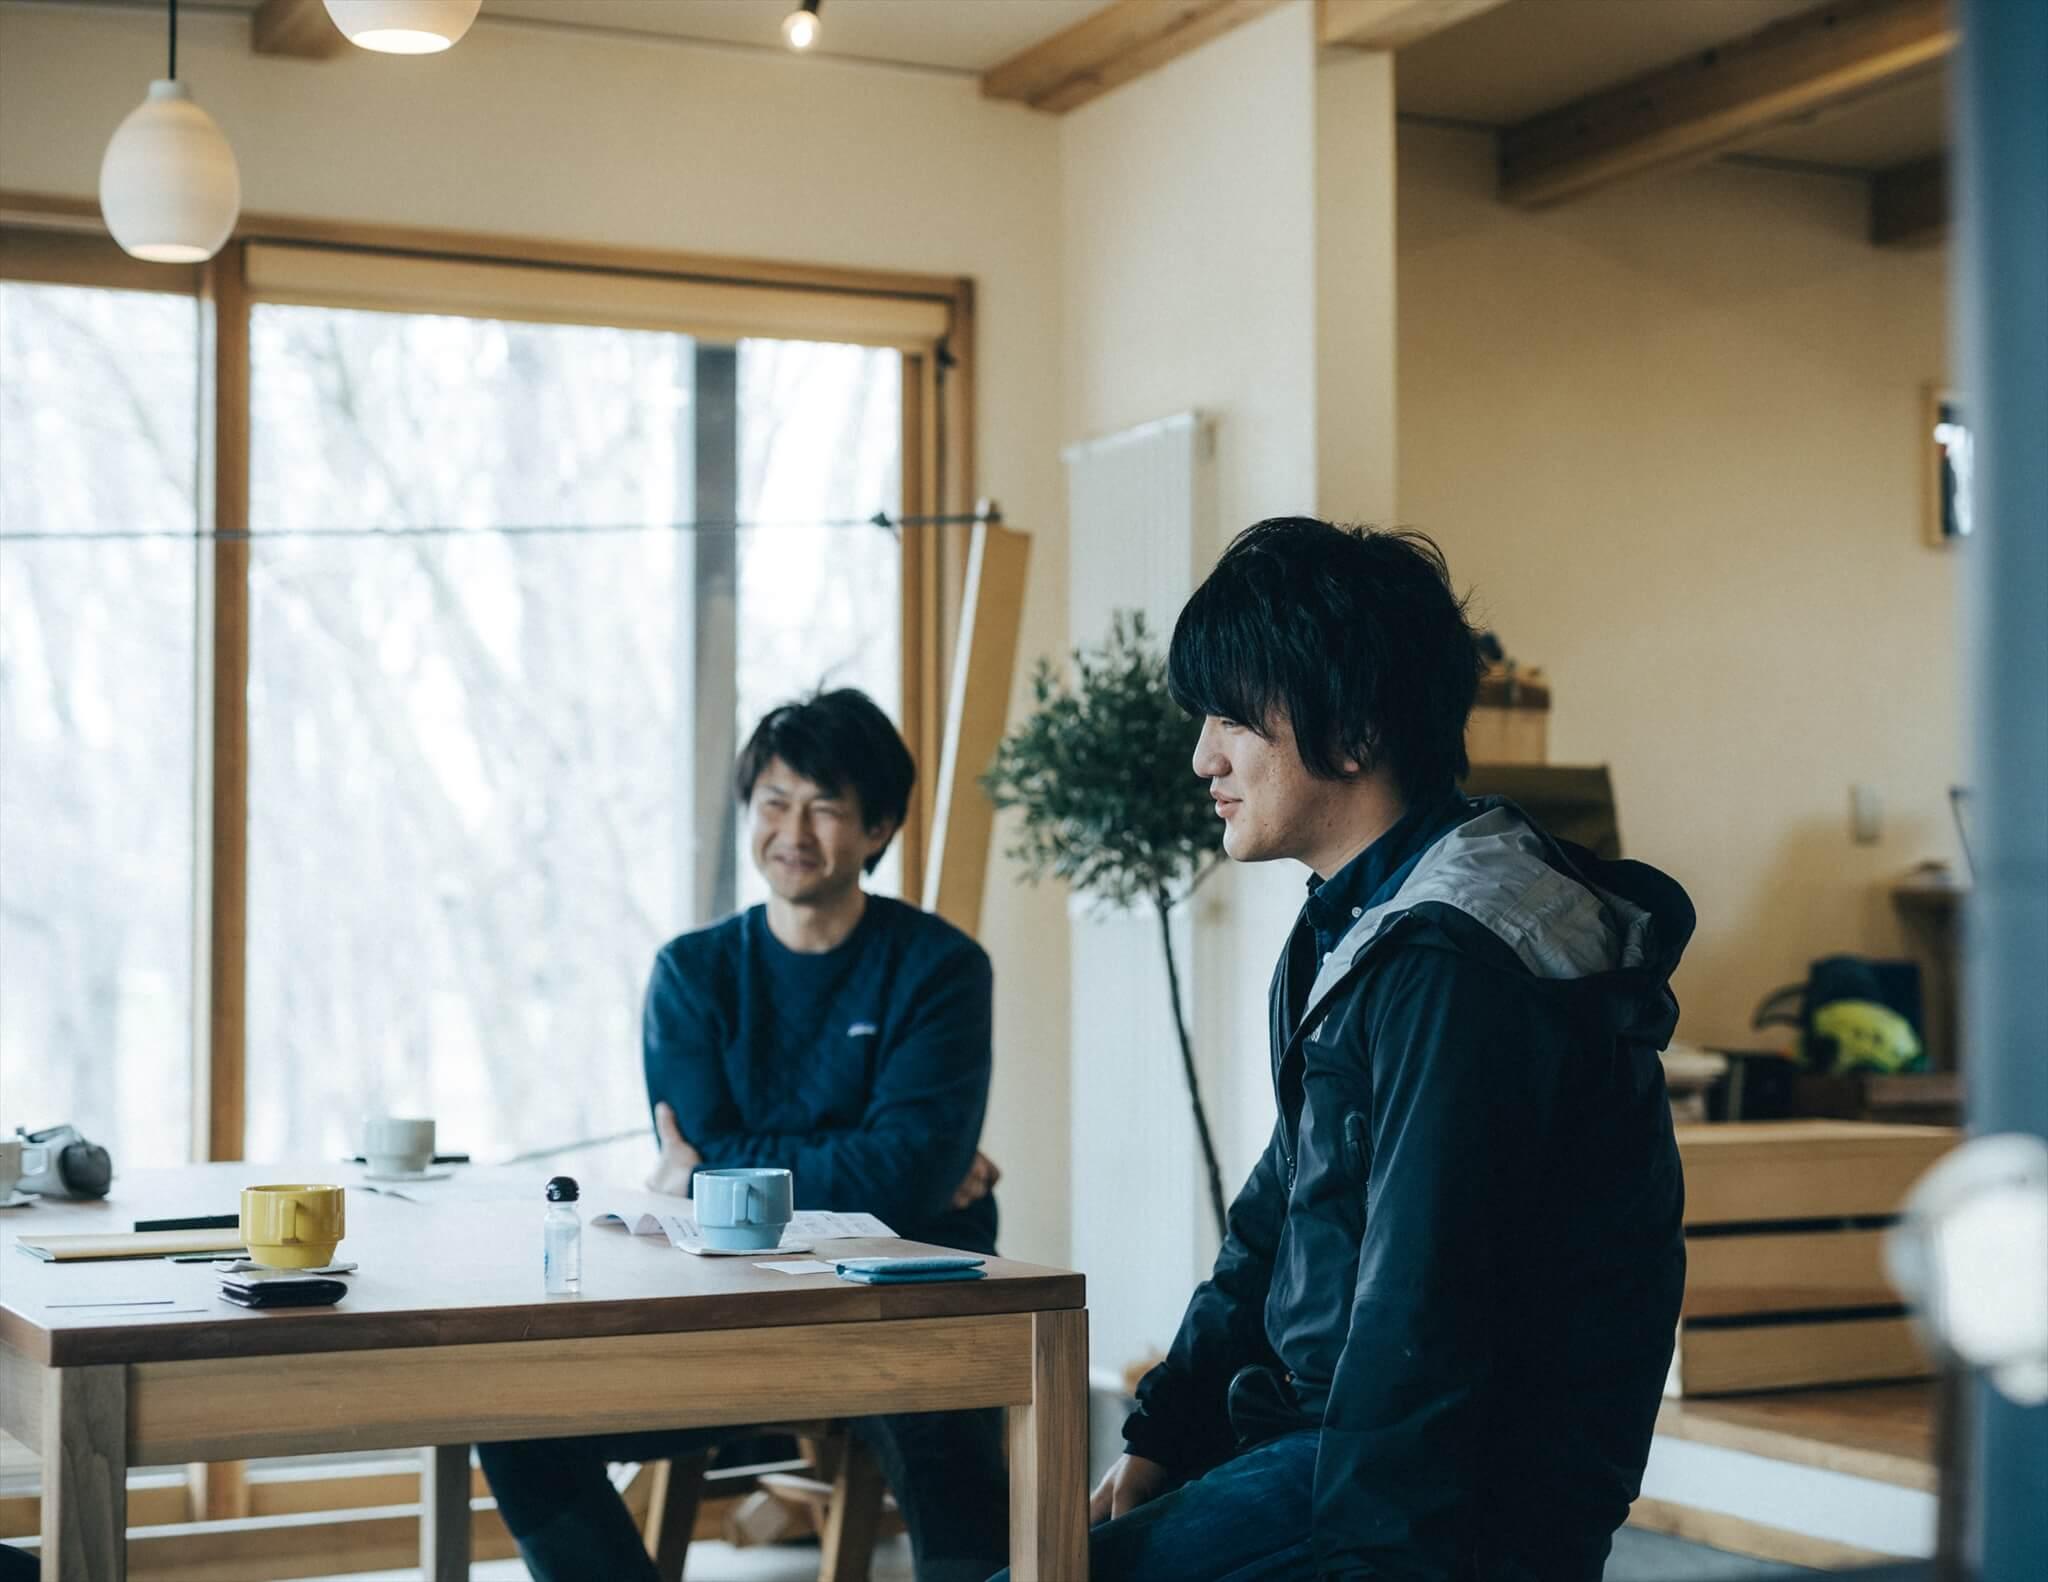 株式会社やまとわの中村さんと奥田さんを取材中